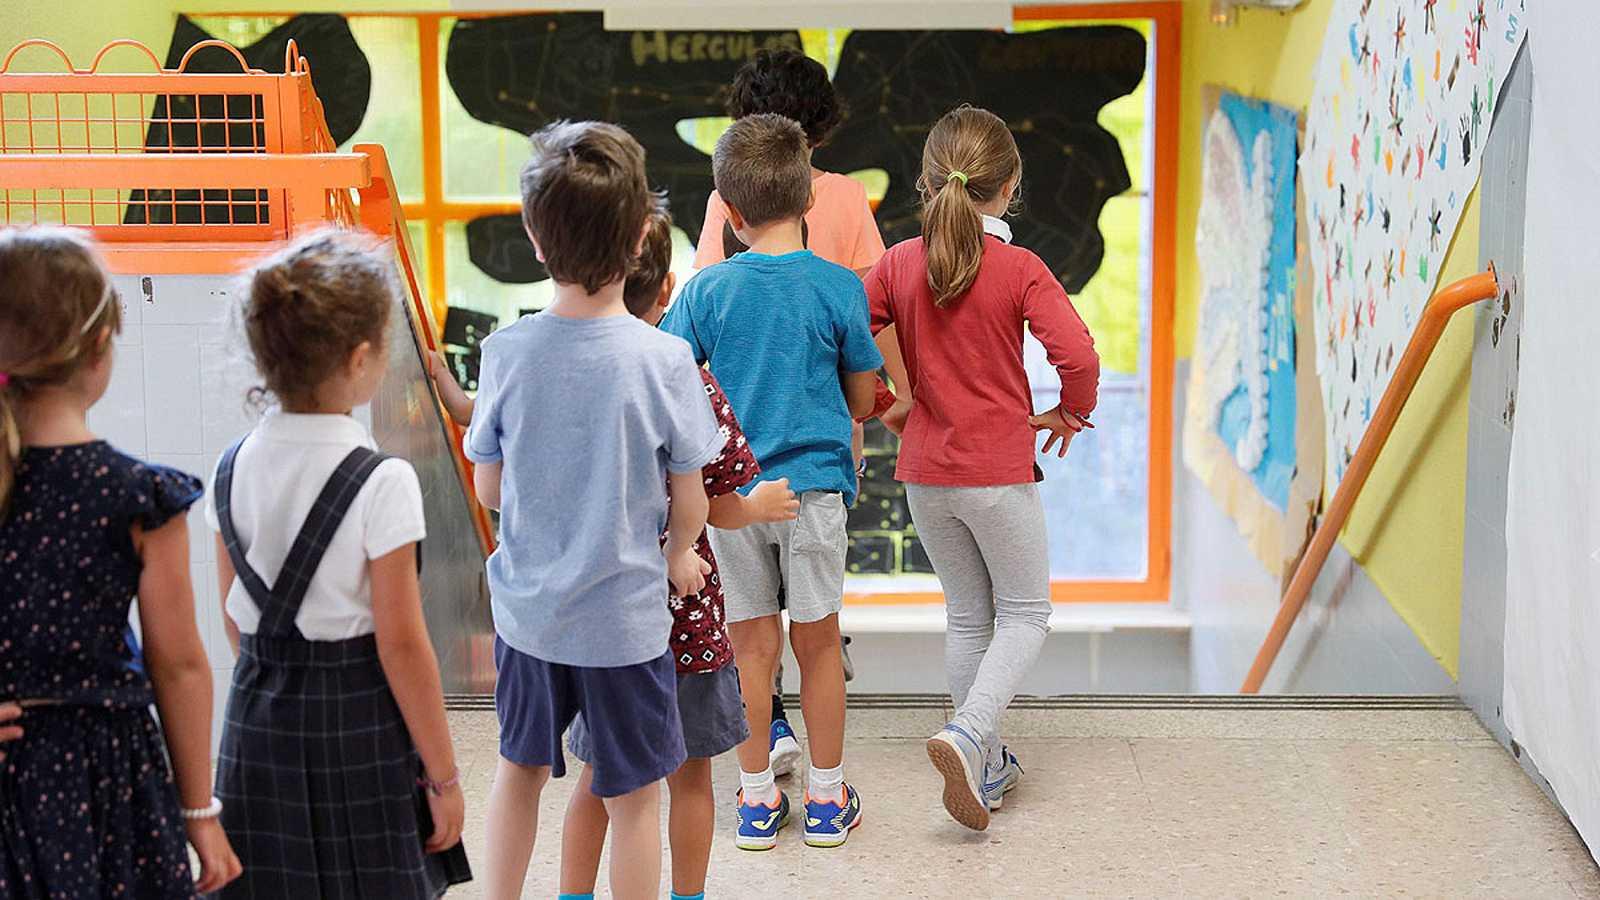 La formación de los padres determina el nivel educativo de sus hijos